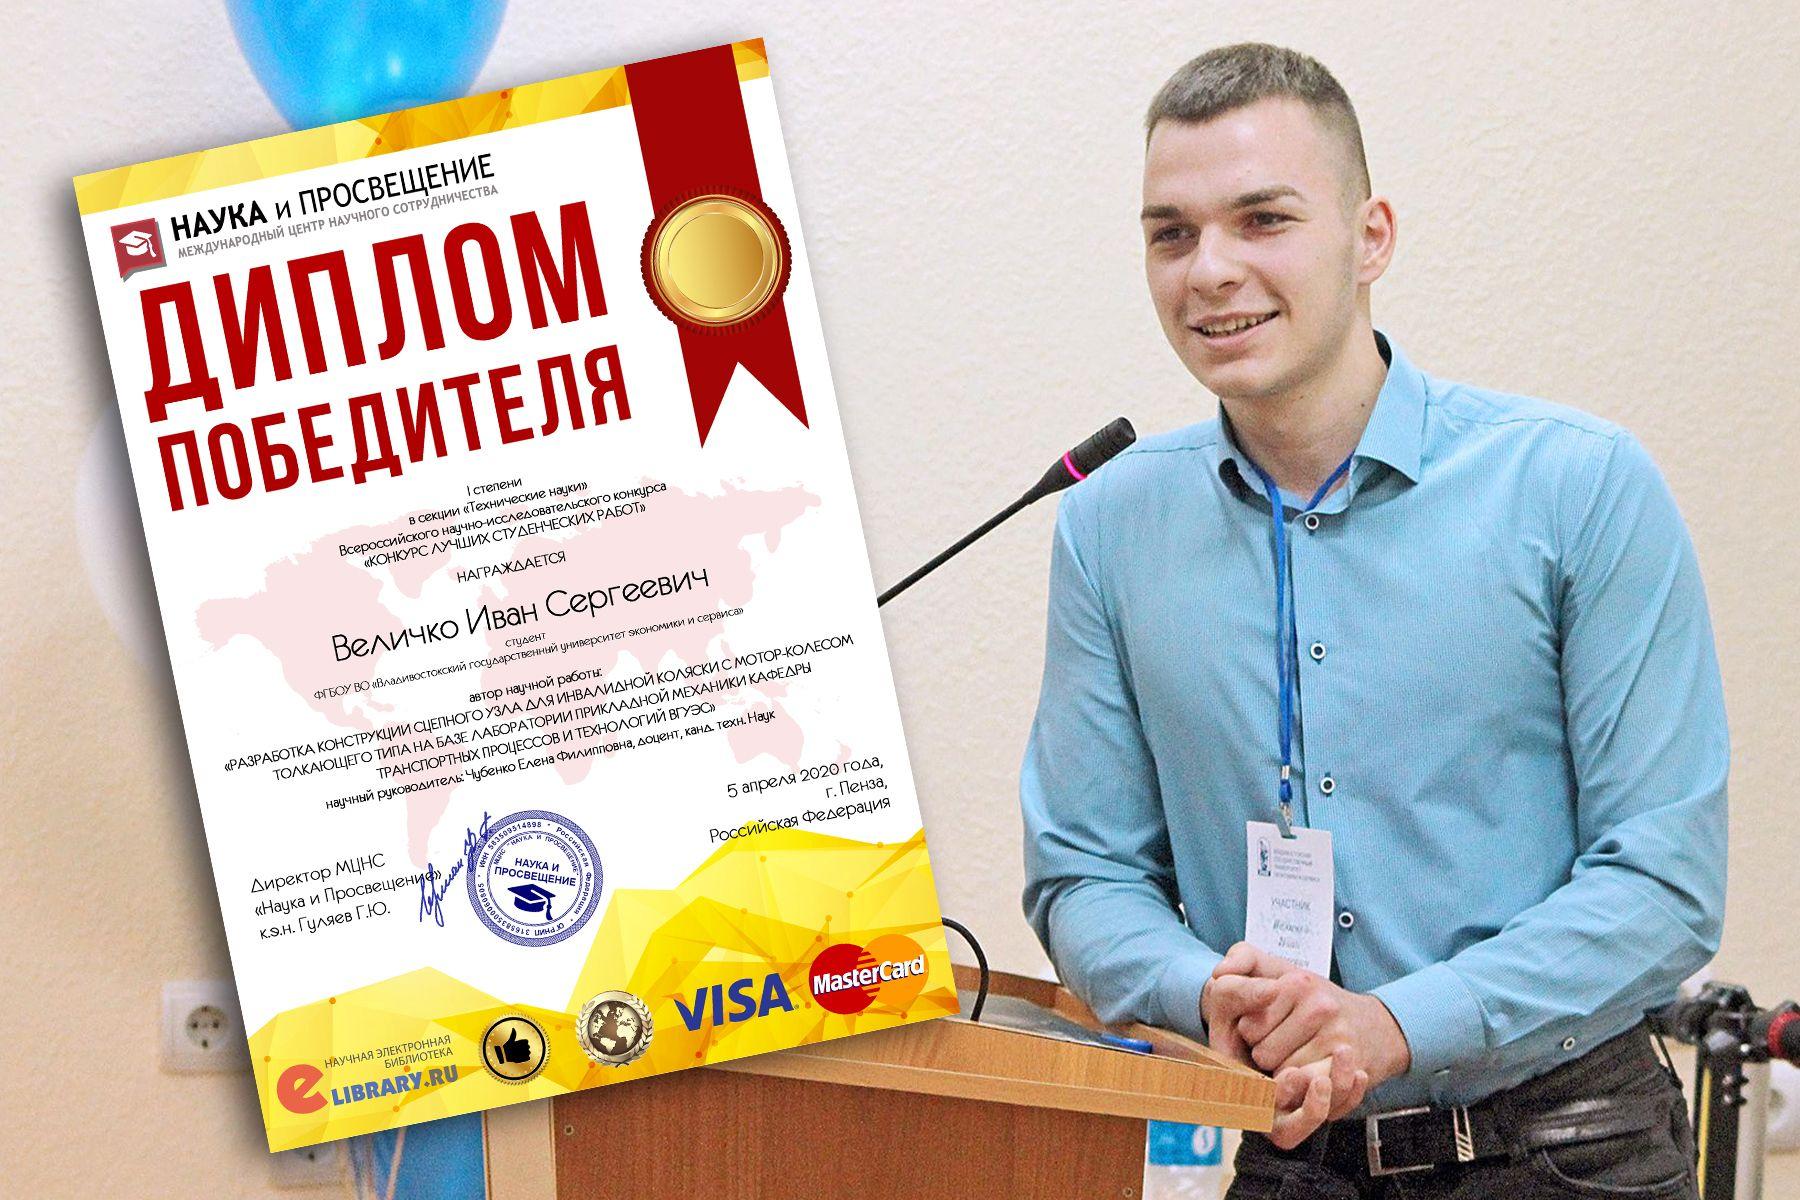 Всероссийский конкурс лучших студенческих работ: проект ВГУЭС – победитель секции «Техническая наука»